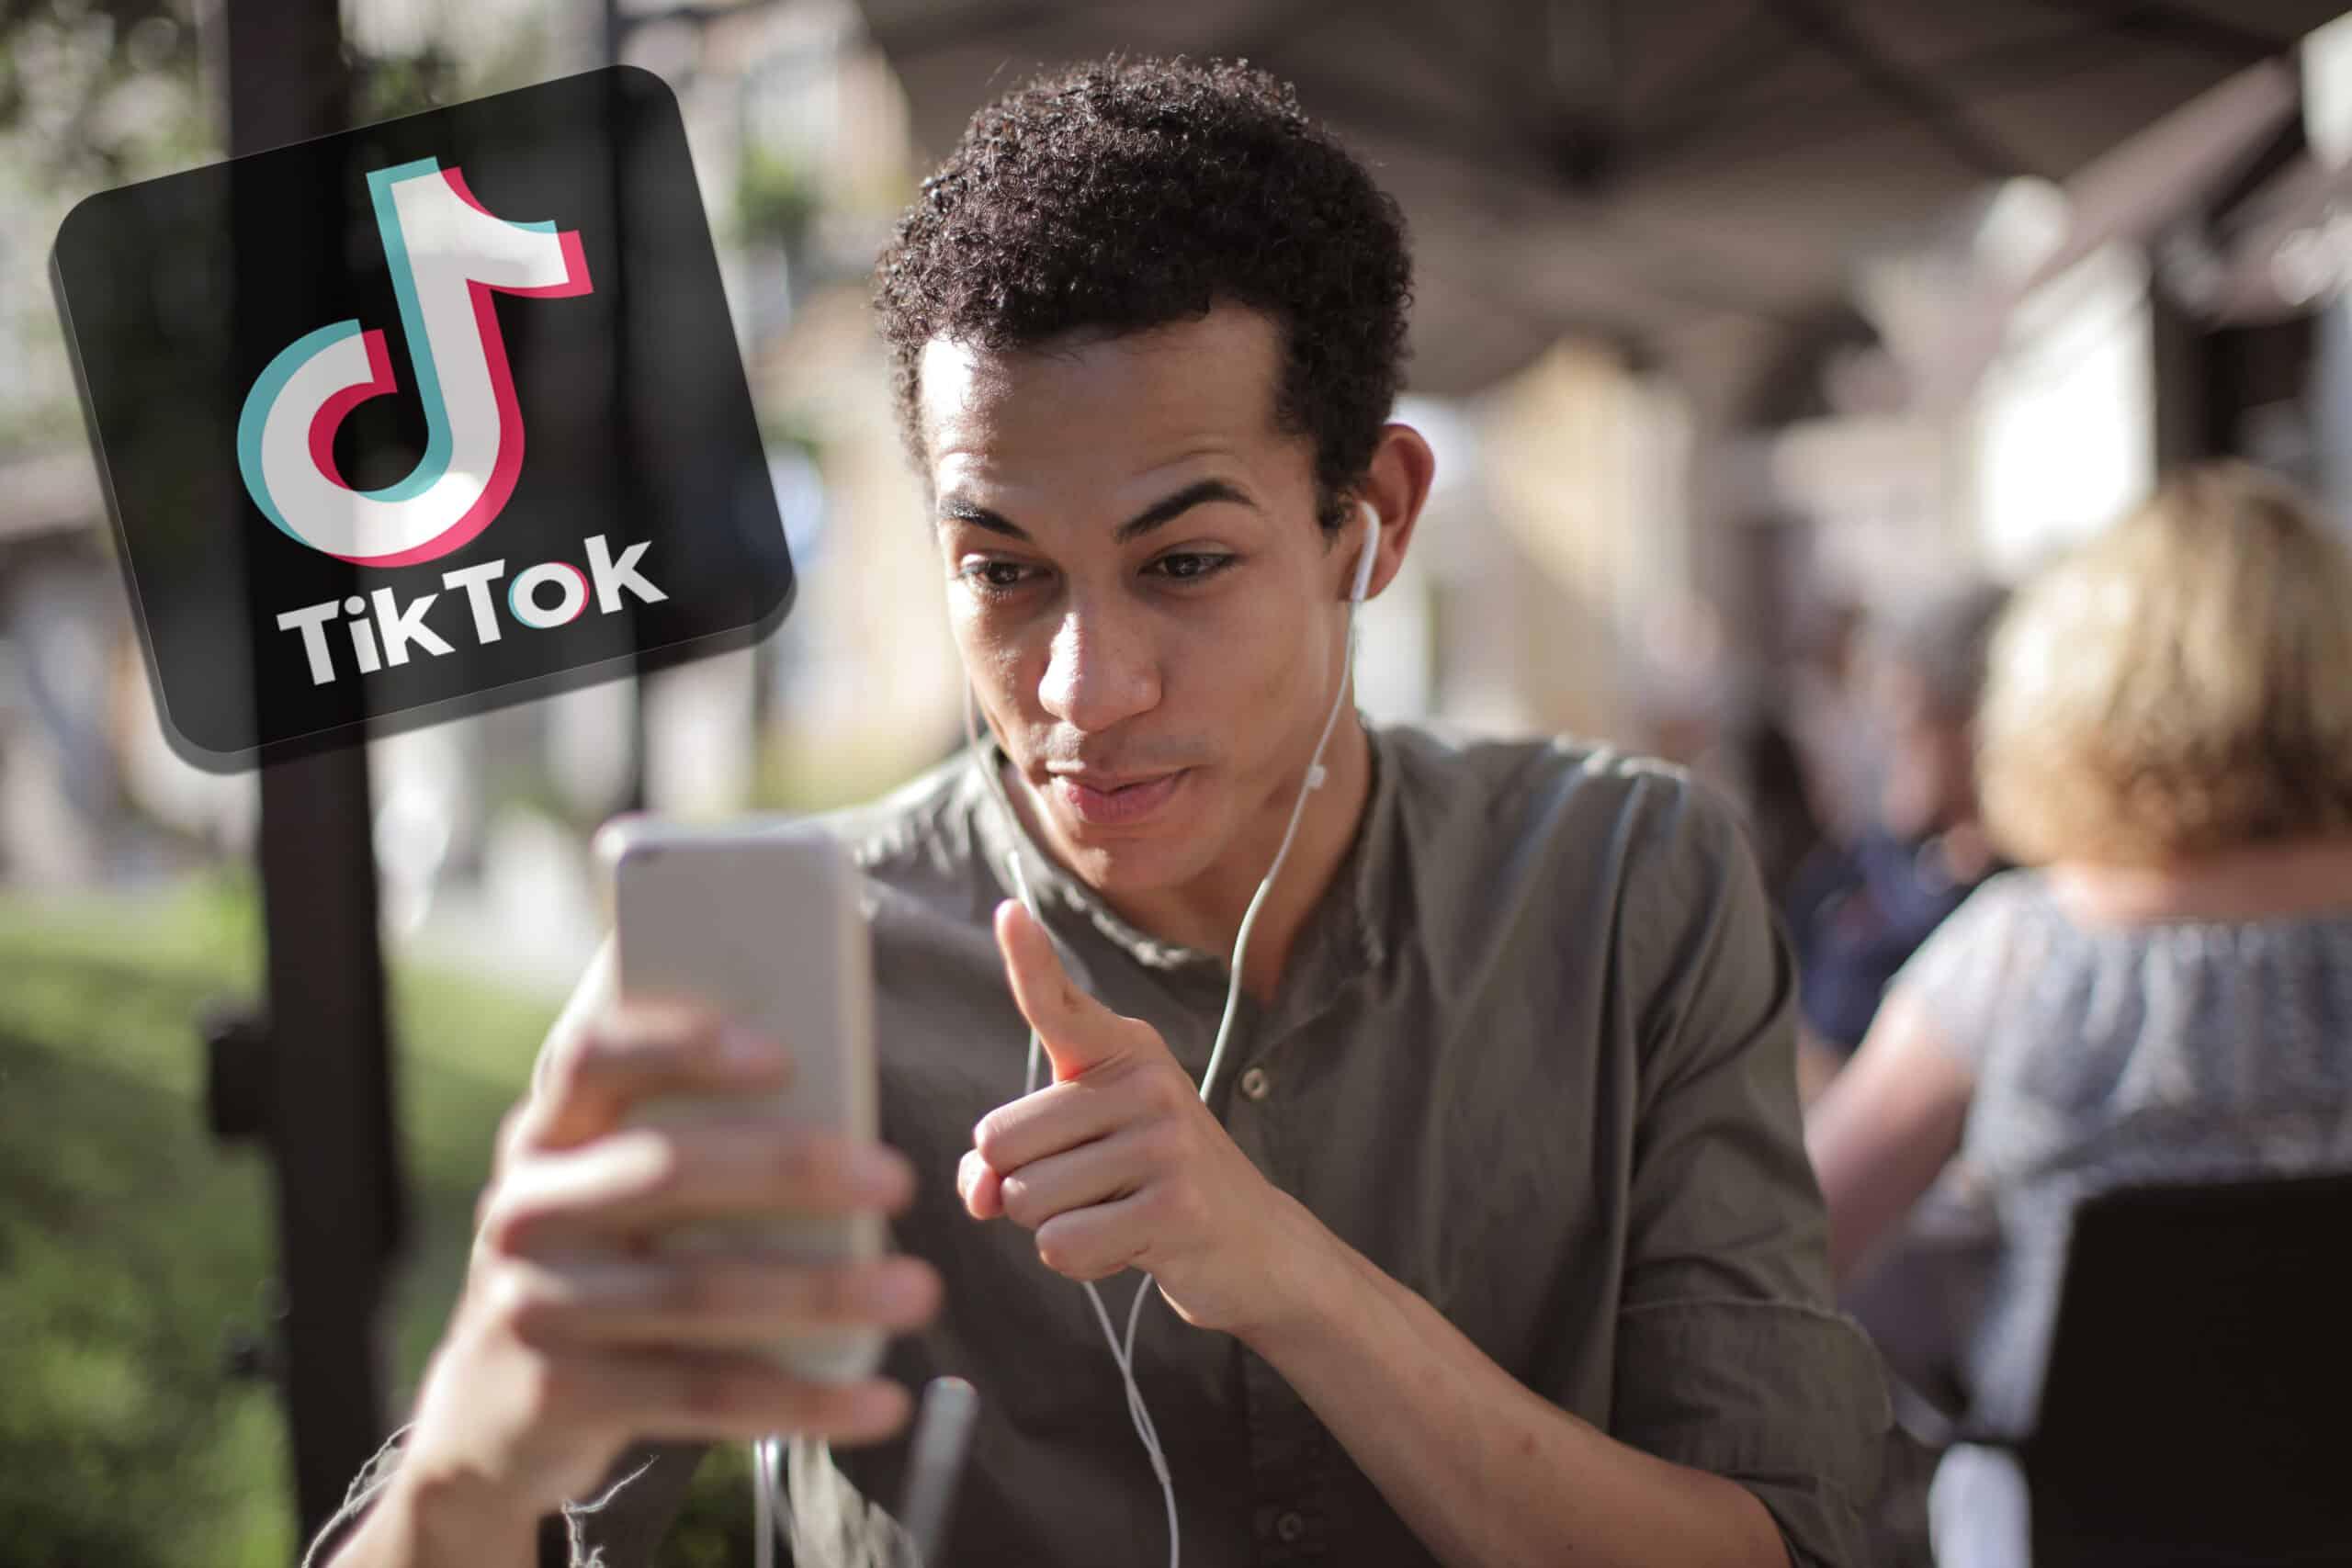 Η εφαρμογή Tik Tok κερδίζει συνεχώς έδαφος απέναντι στα πιο δημοφιλή social